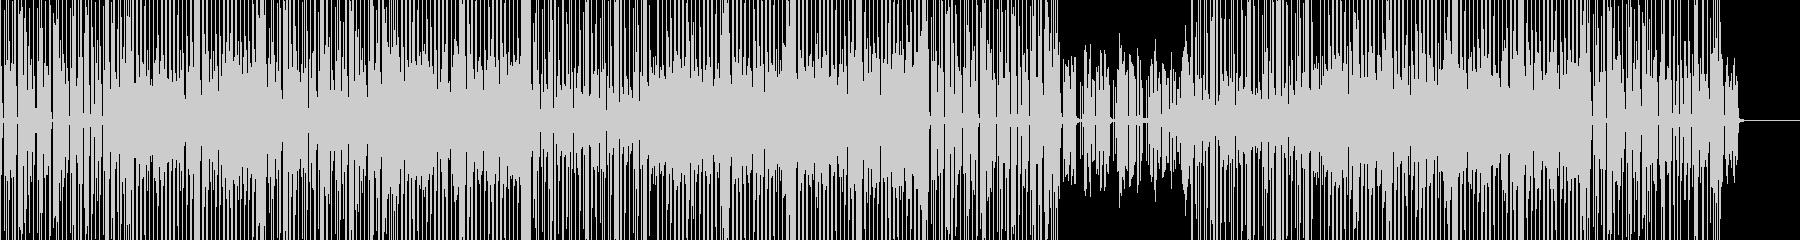 ミディアムテンポのダンサブルサウンドの未再生の波形